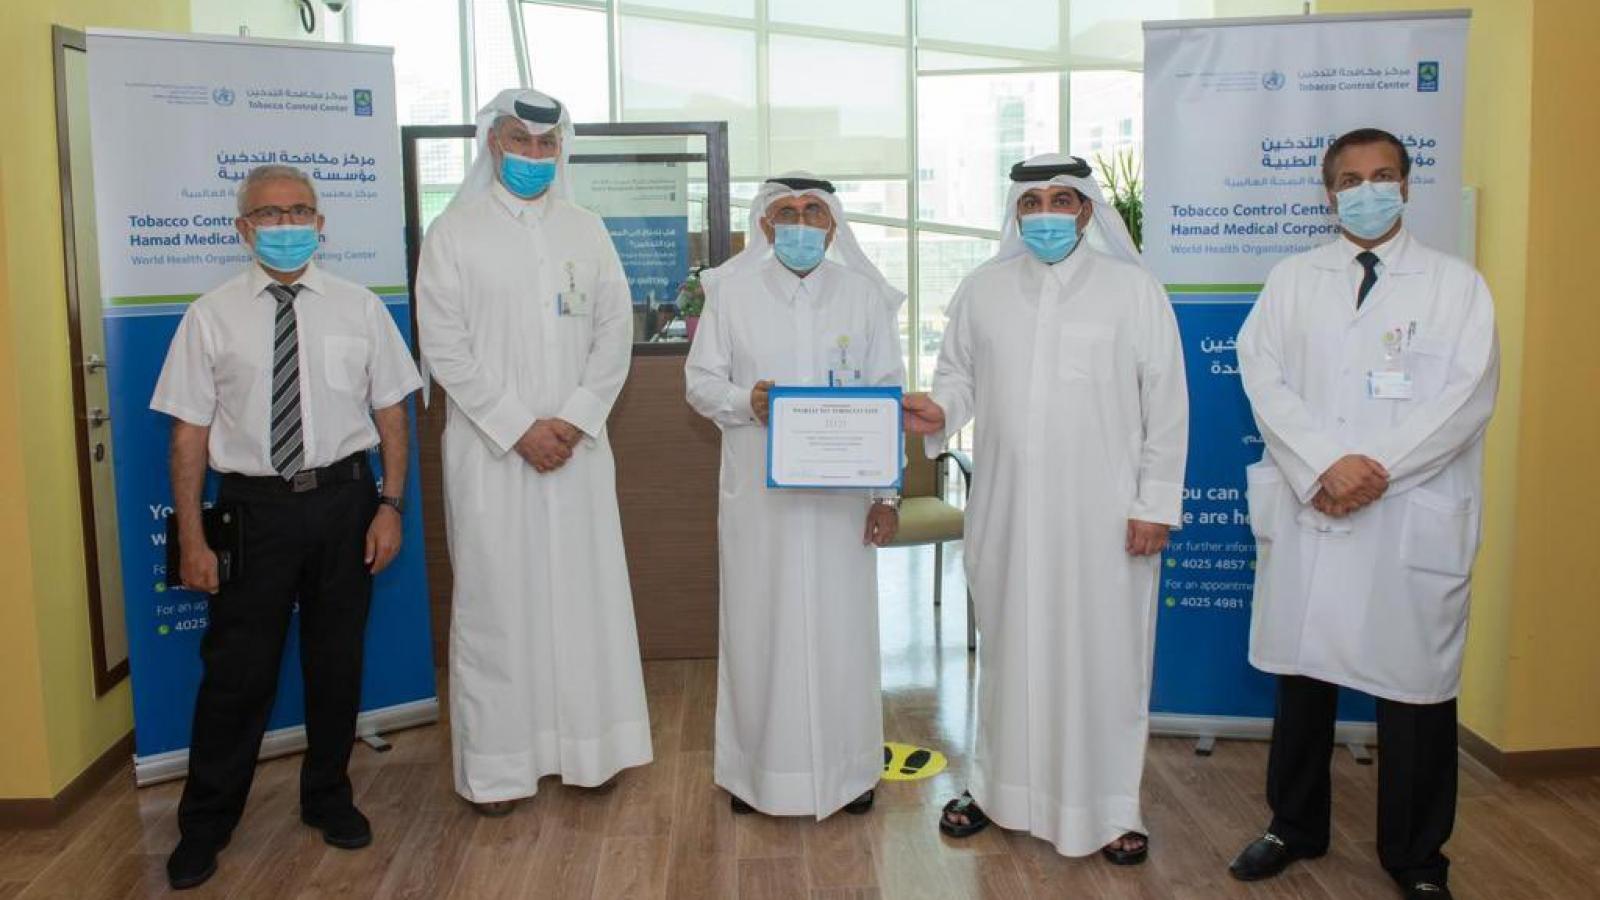 World Health Organization recognizes HMC's Tobacco Control Center